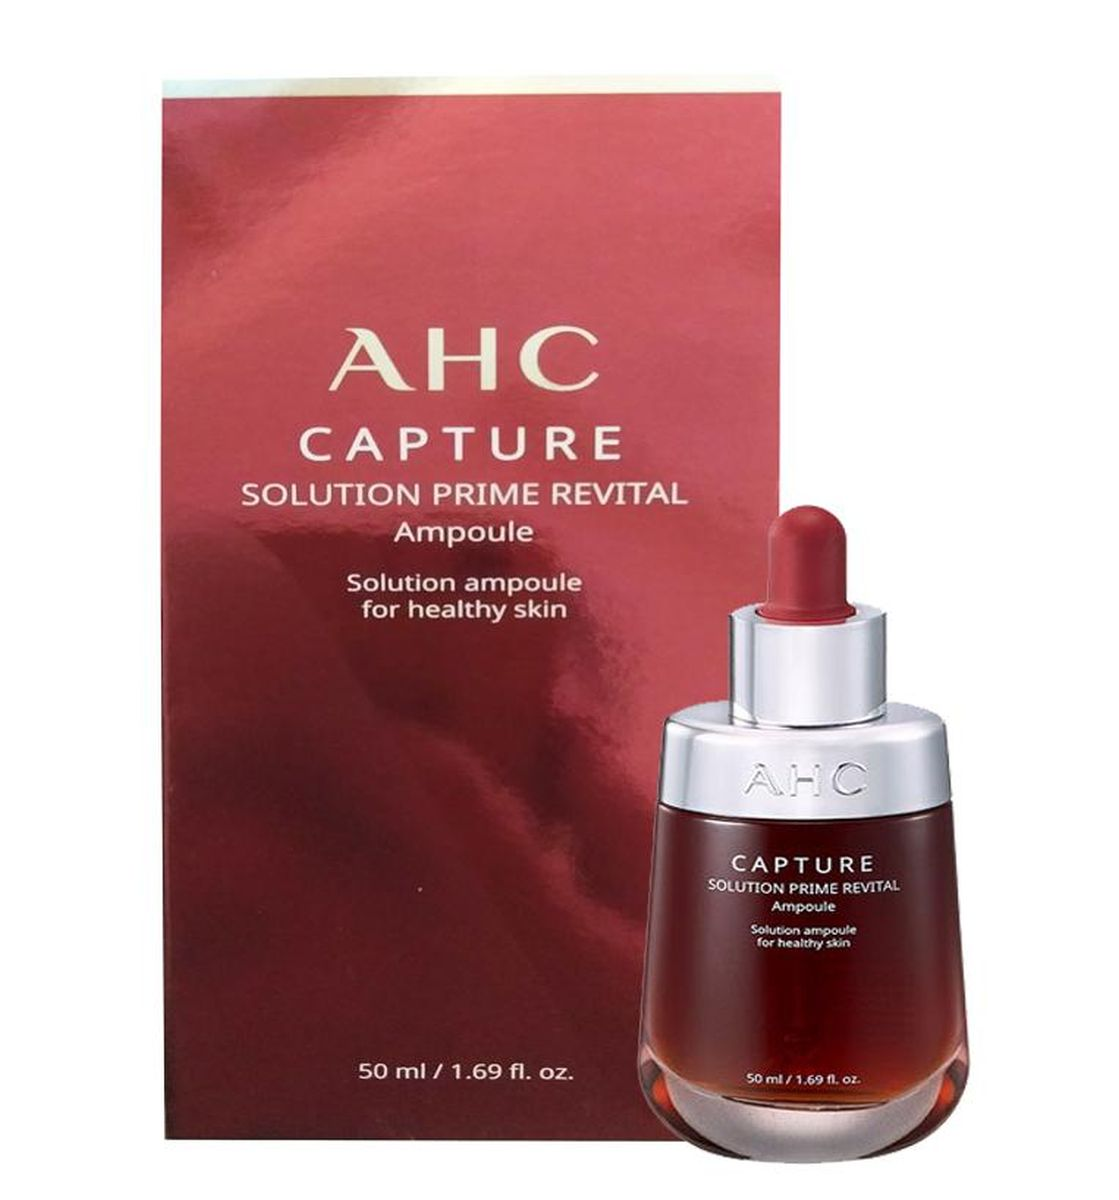 Ревитализирующая сыворотка для лица A.H.C. Capture Solution Prime Revital Ampoule - 50 мл